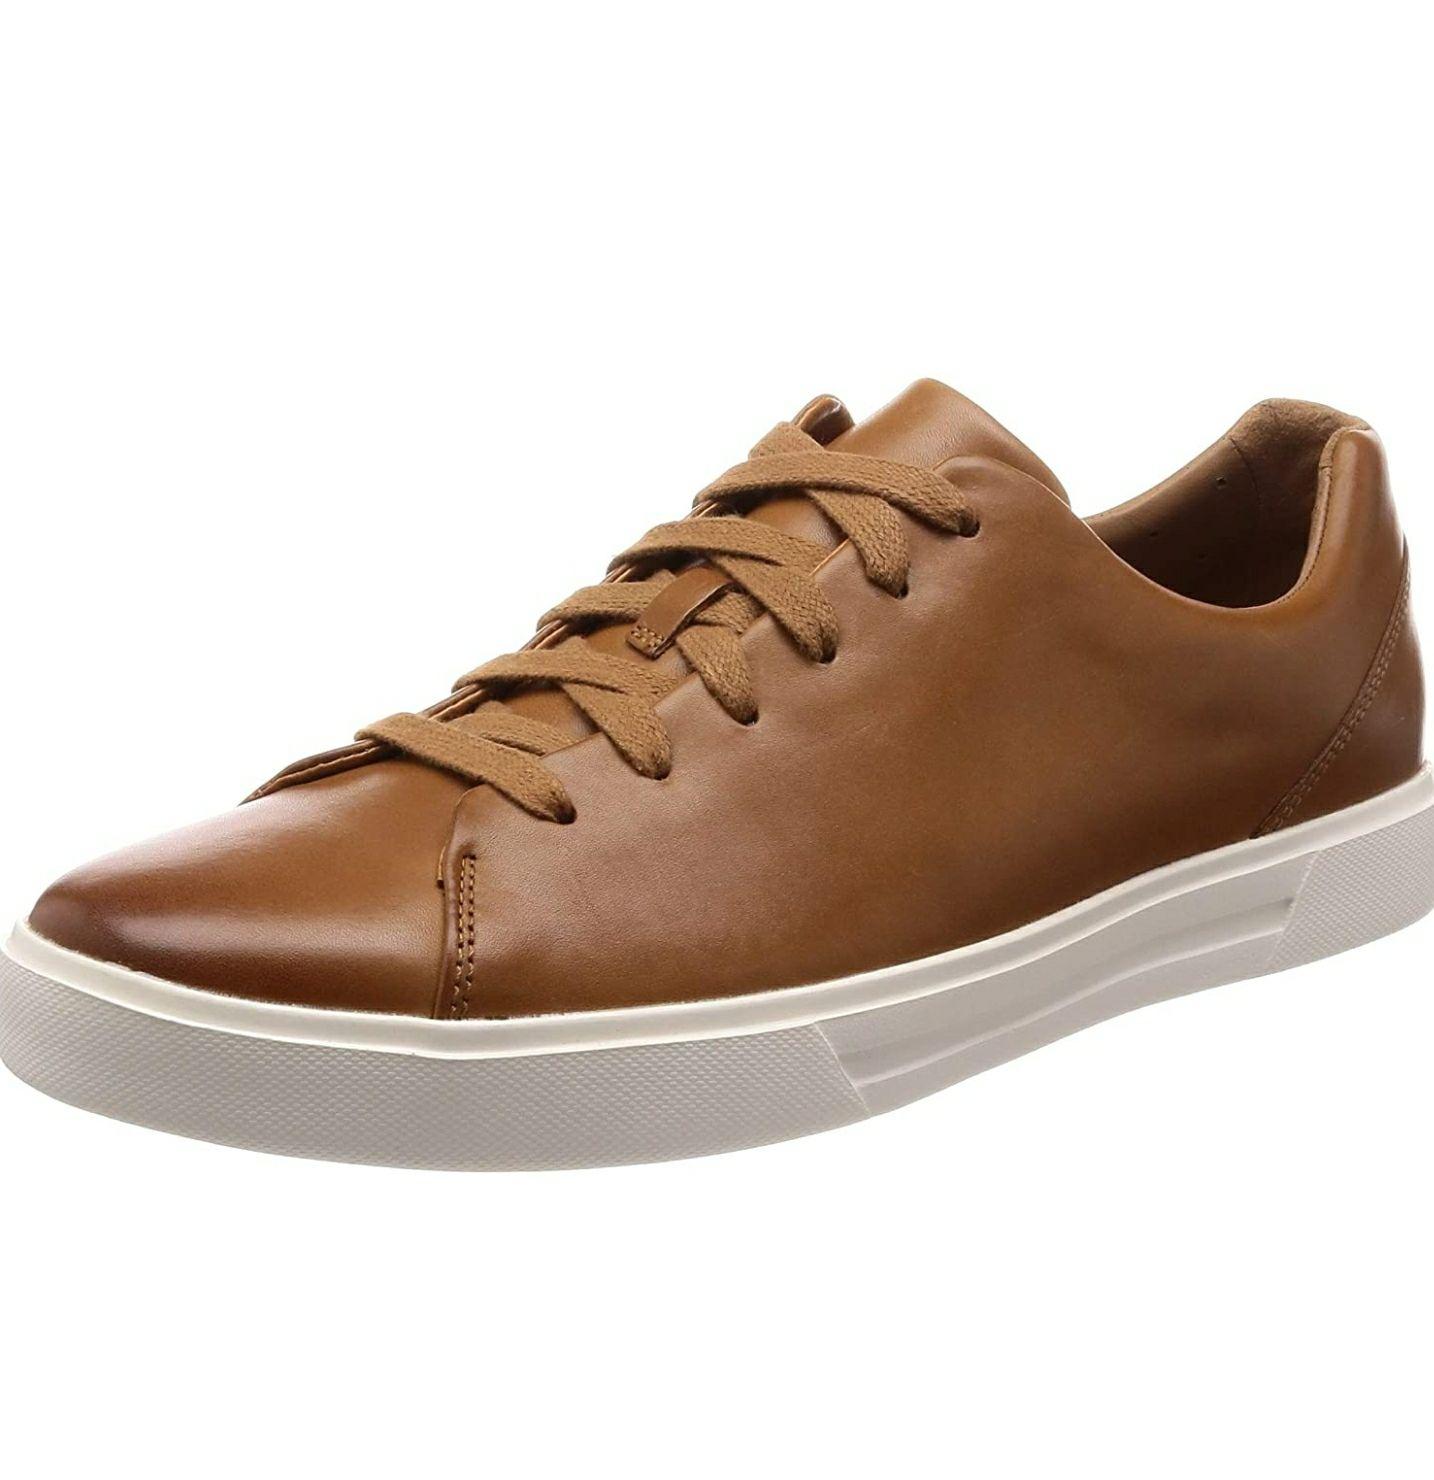 Zapatos Clarks Un Costa Lace, color marrón, talla 44